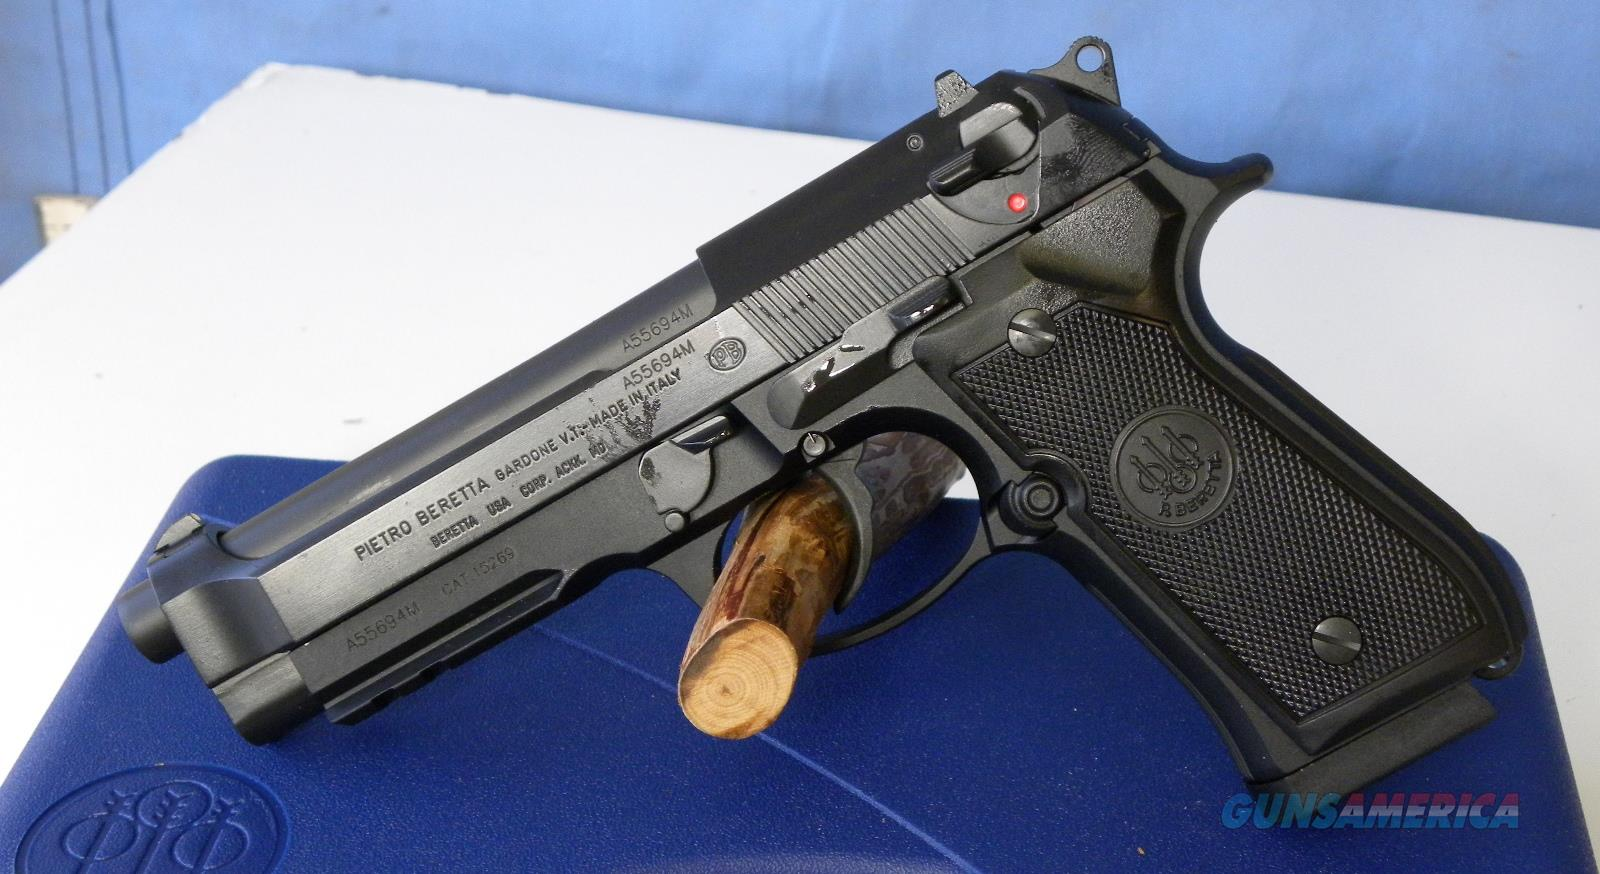 Beretta 96A1 Made in Italy  Guns > Pistols > Beretta Pistols > Model 96 Series